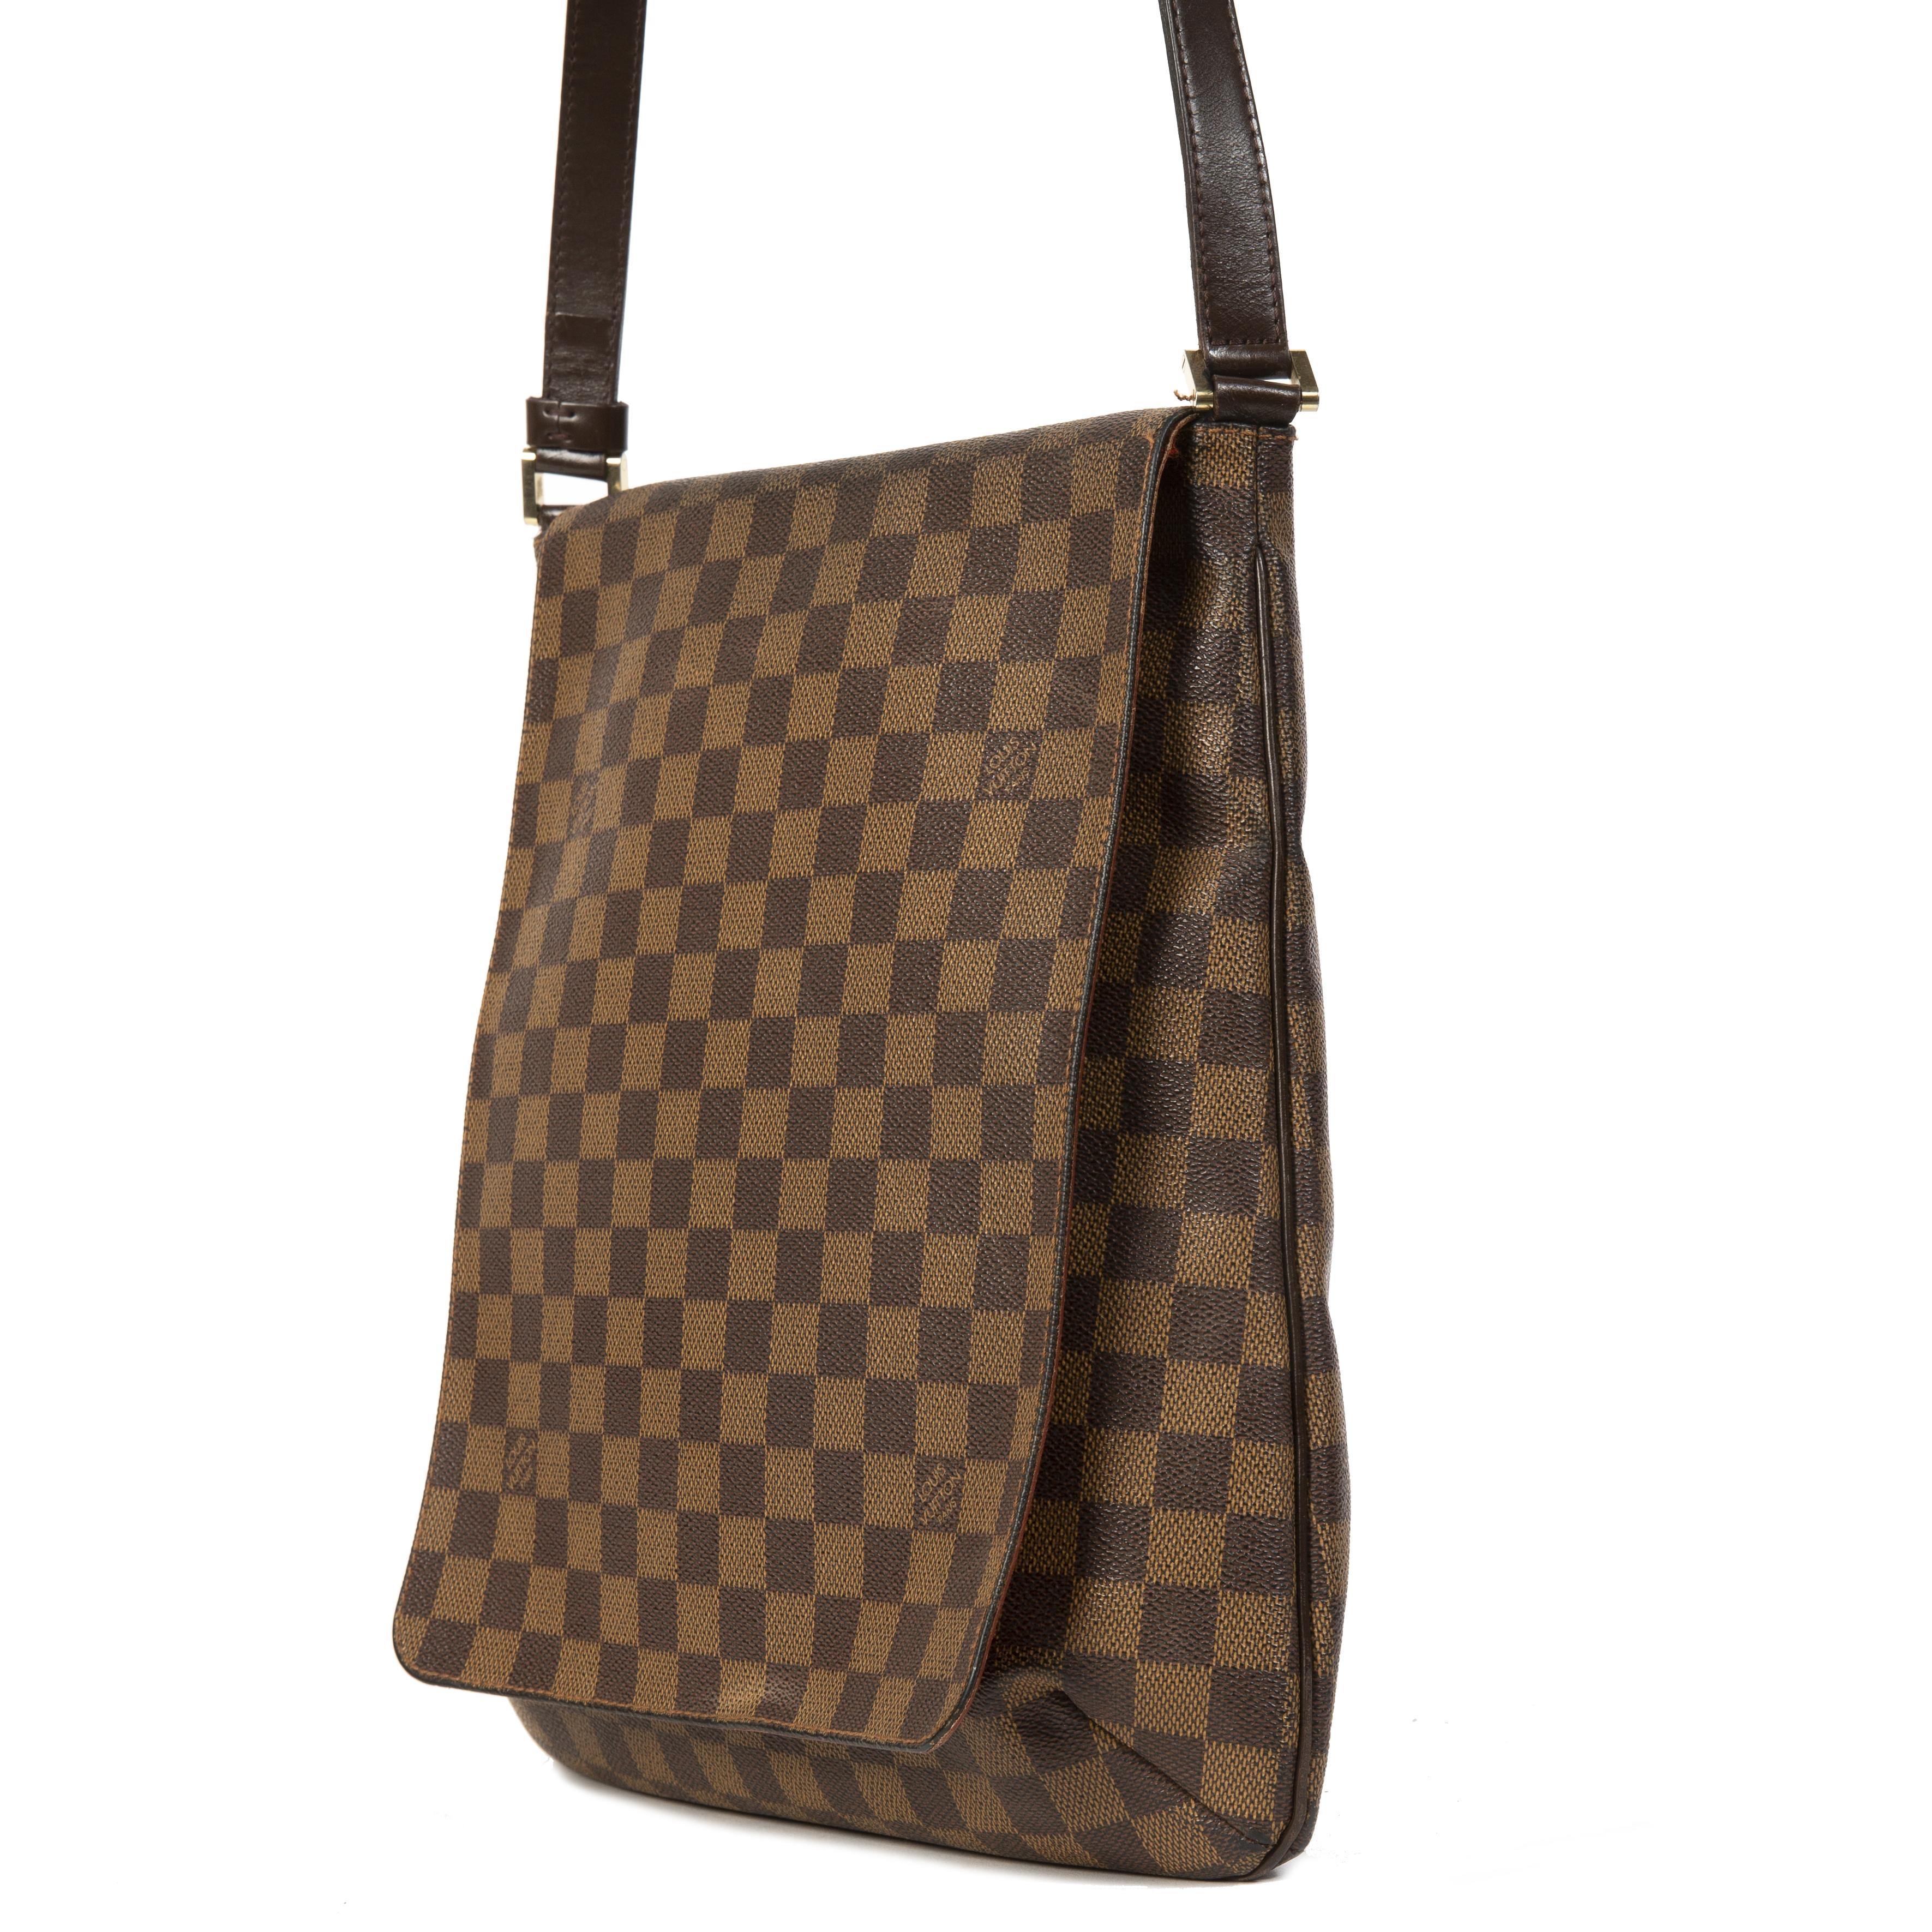 e171ce958 ... pour le meilleur prix Louis Vuitton Damier Ebene Musette Salsa Bag